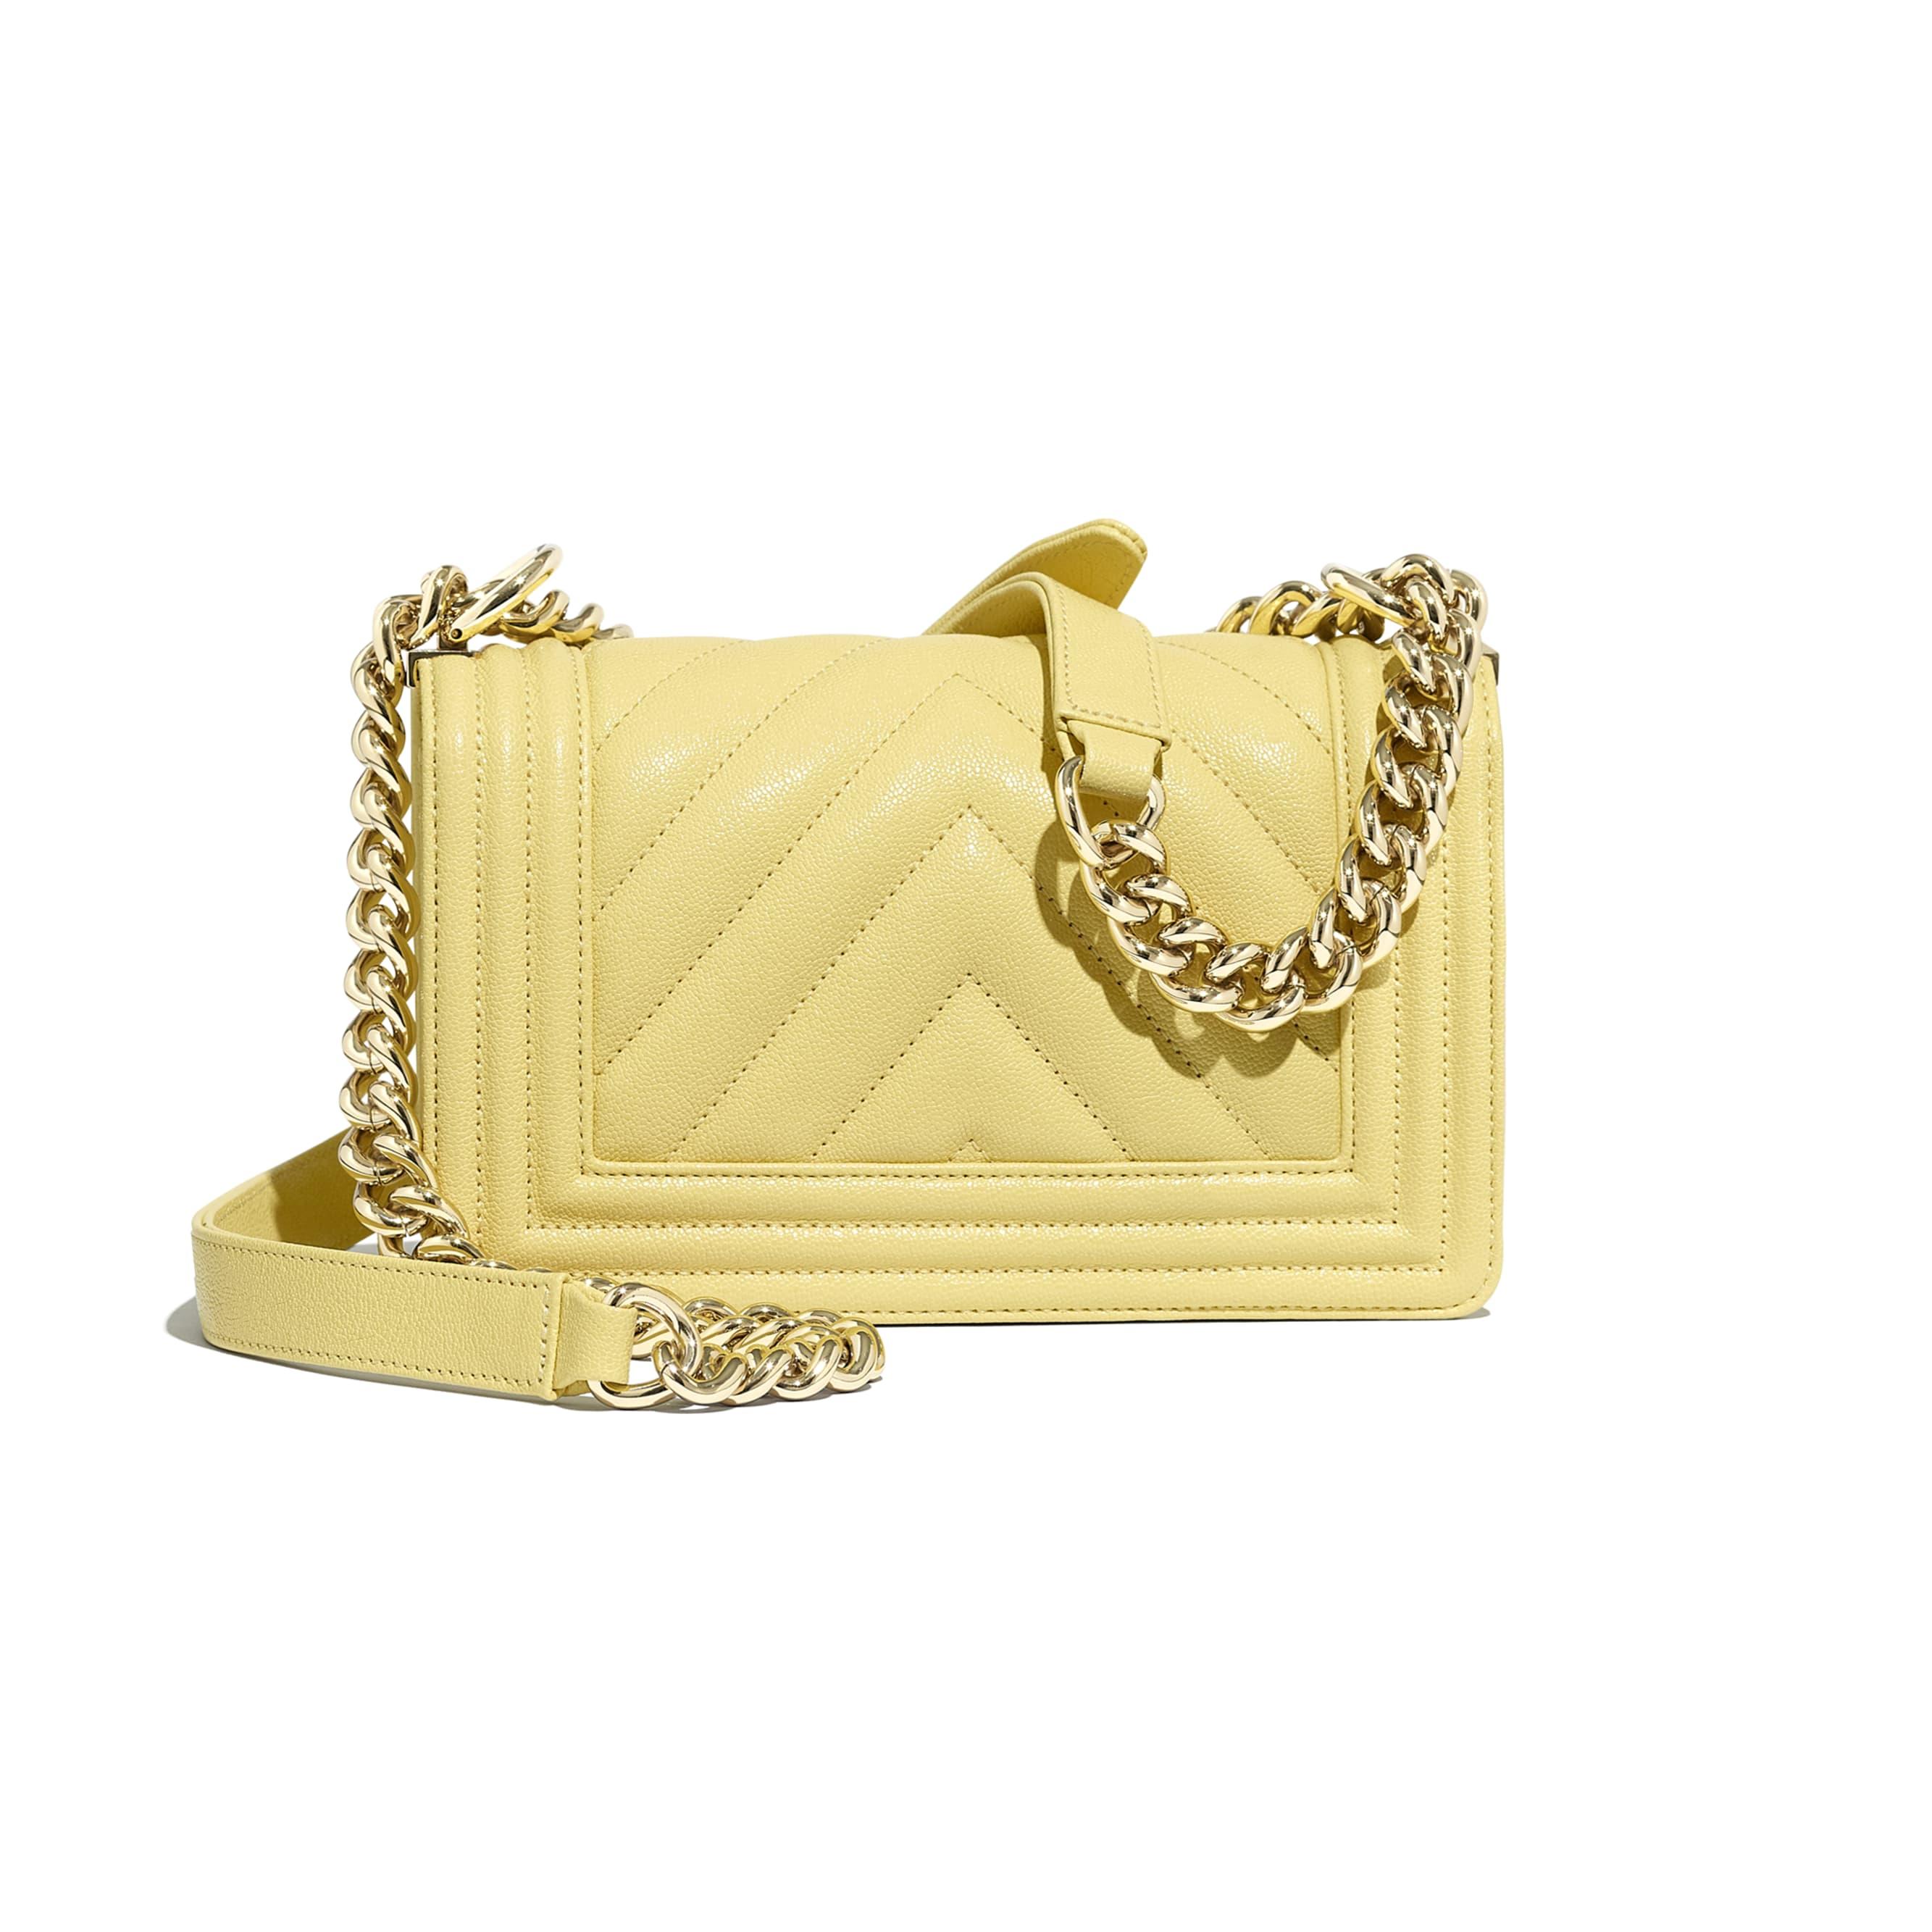 Bolsa BOY CHANEL Pequena - Yellow - Grained Calfskin & Gold-Tone Metal - CHANEL - Vista alternativa - ver a versão em tamanho standard